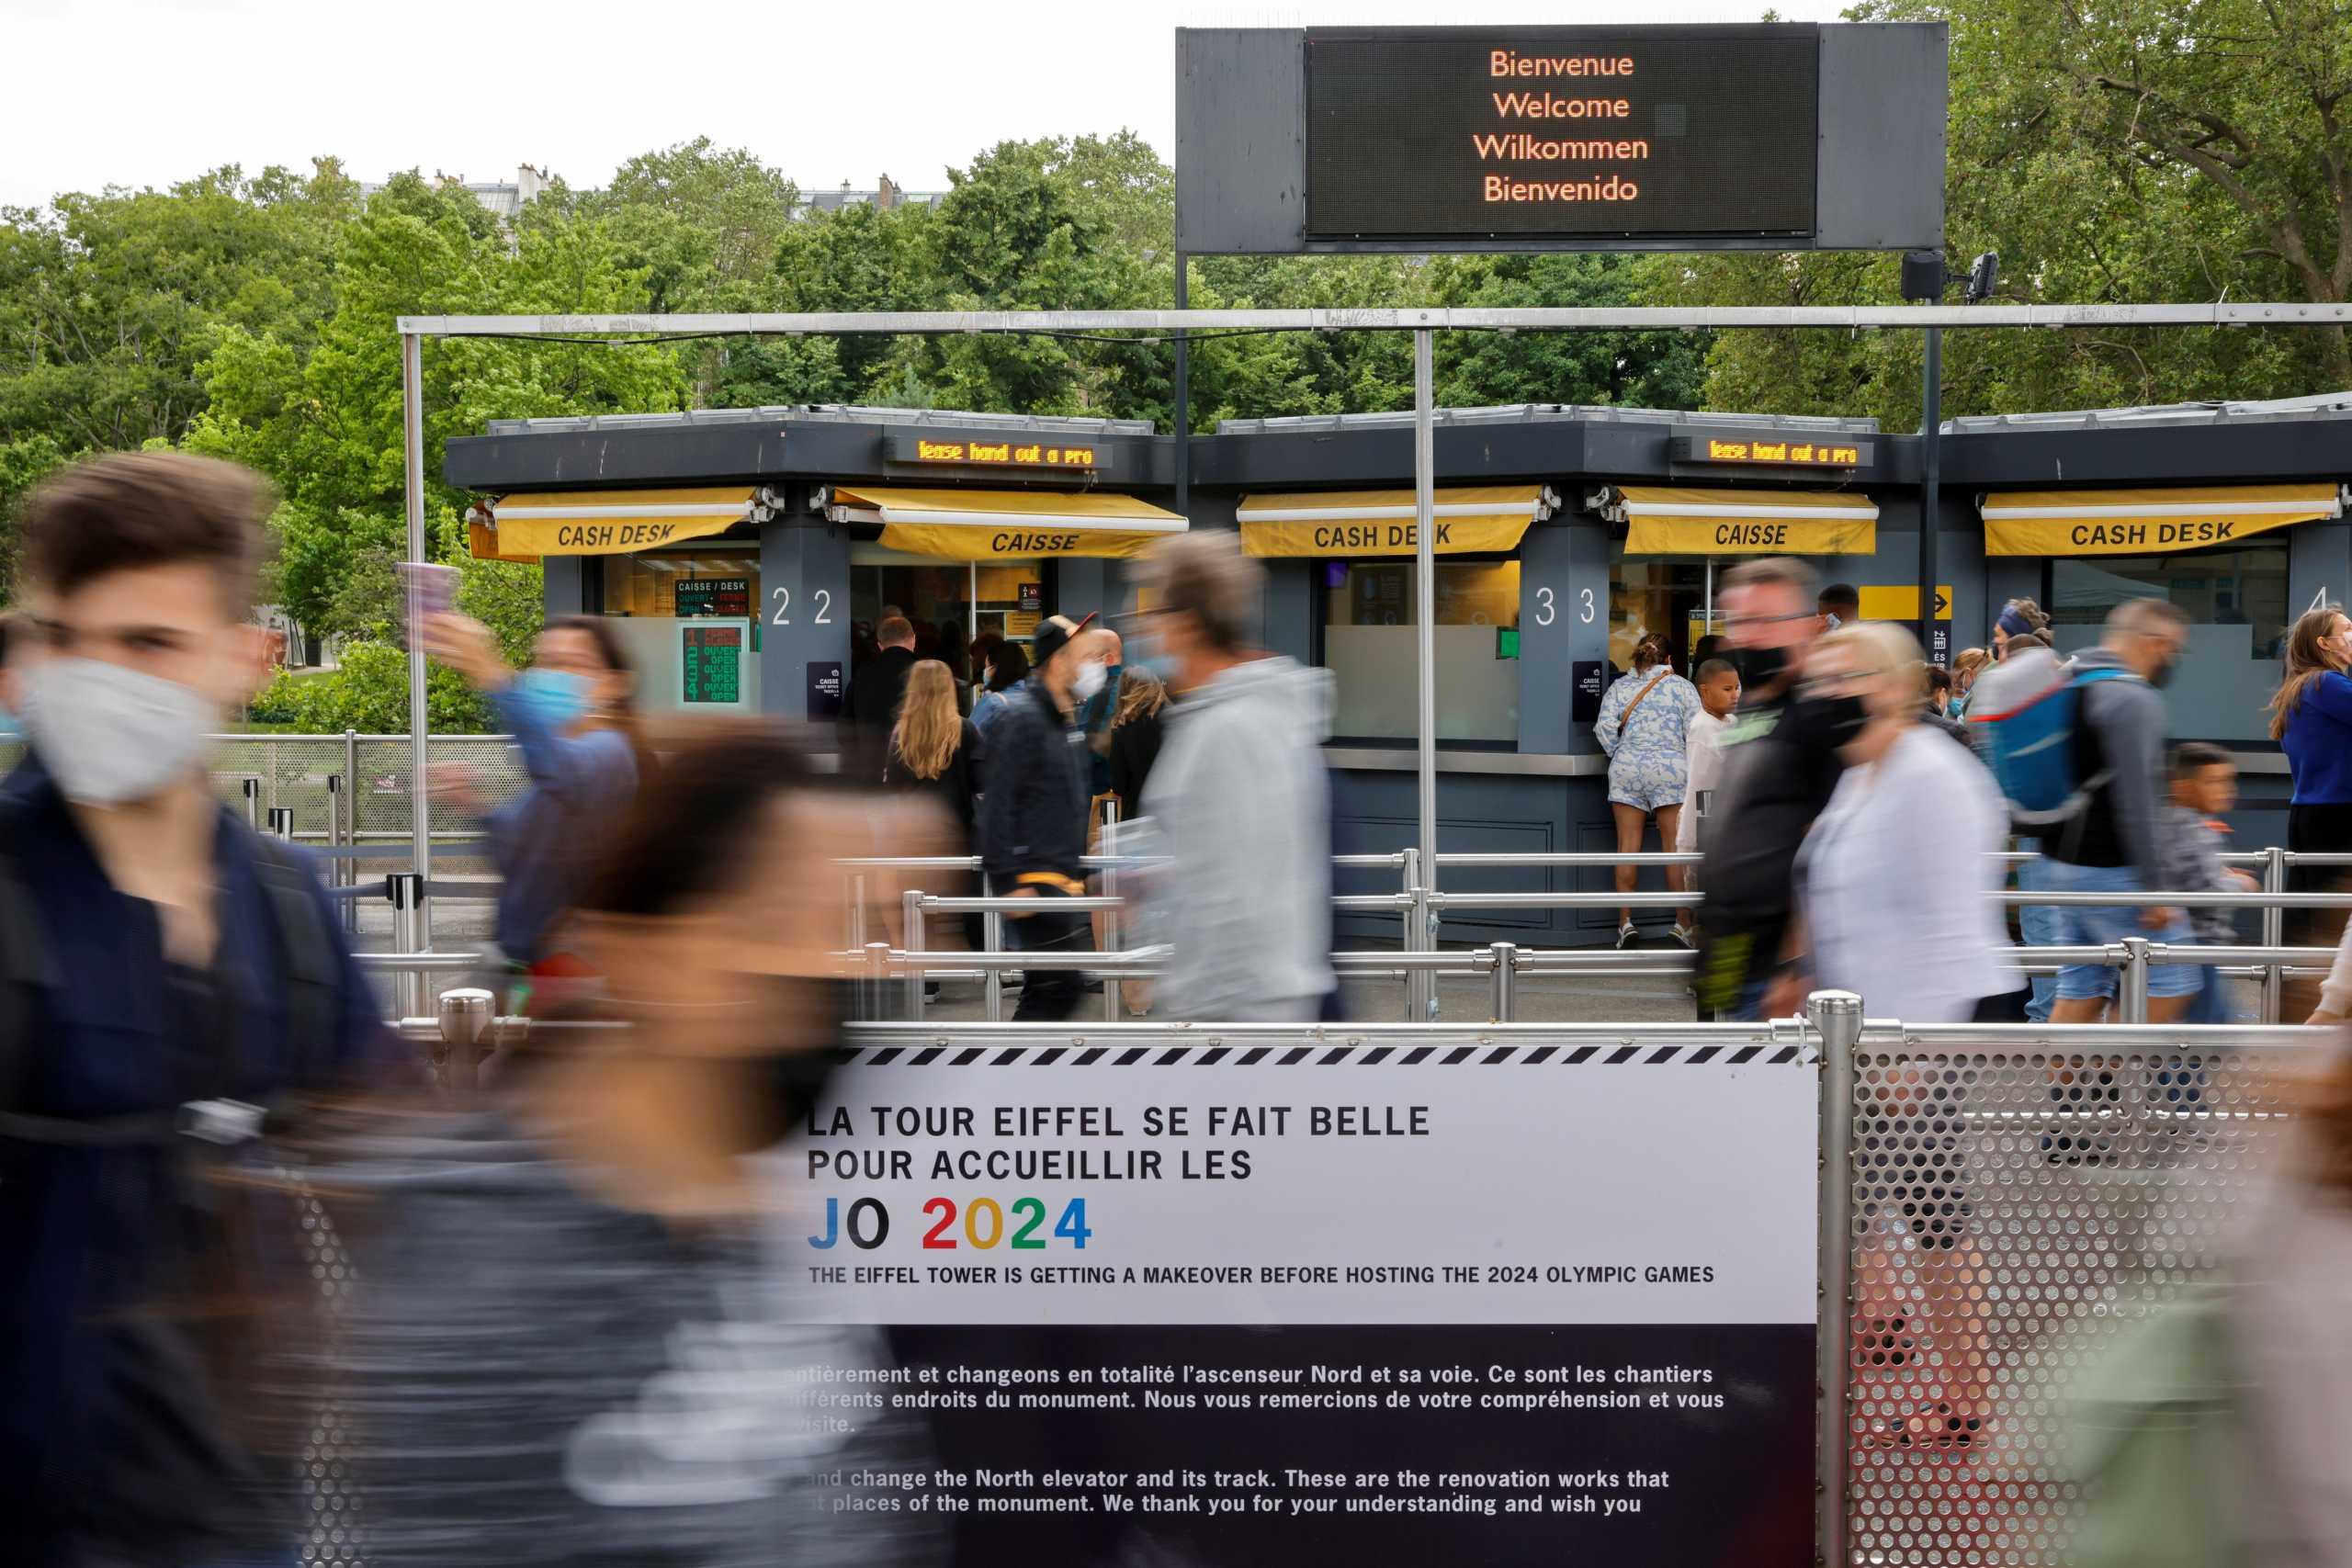 Γαλλία: Μπήκαμε στο τέταρτο κύμα της πανδημίας λέει η κυβέρνηση